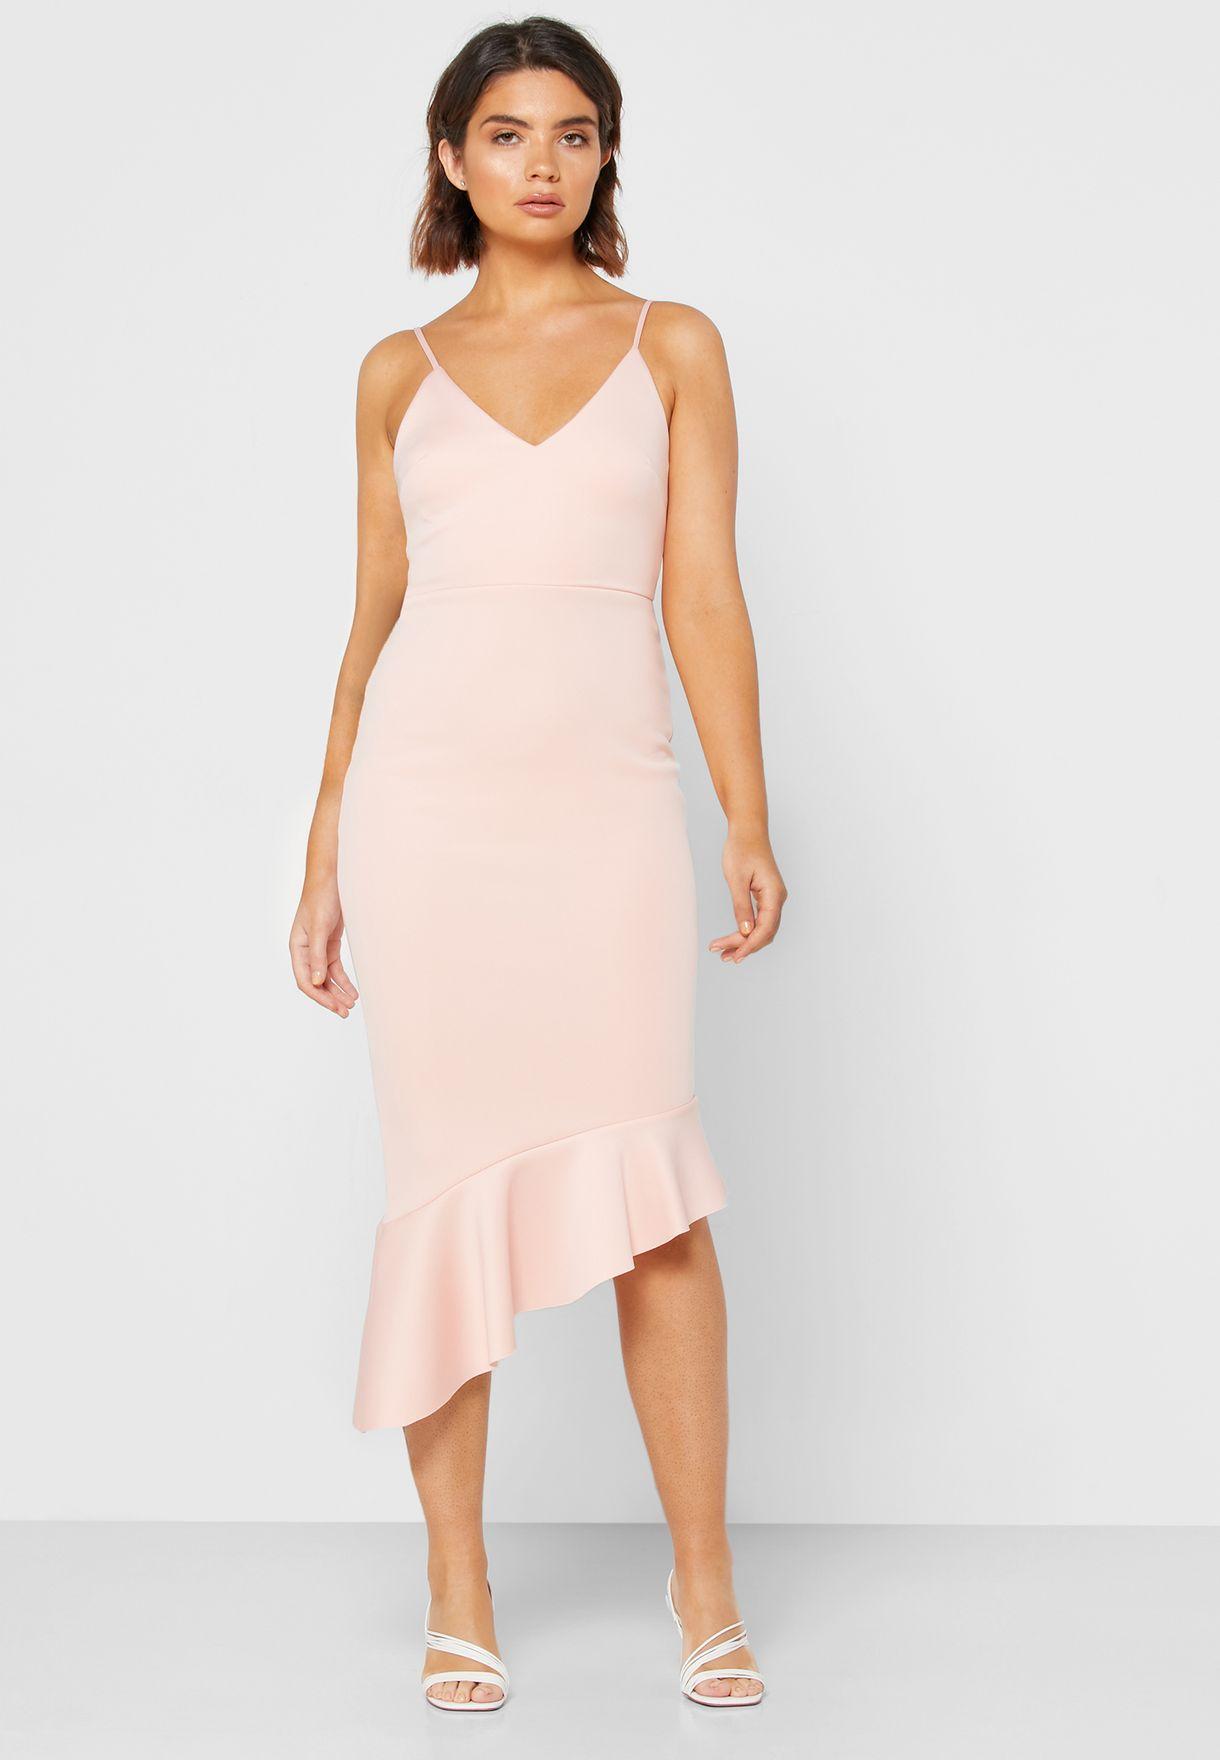 فستان بحمالات وحافة متباينة الطول